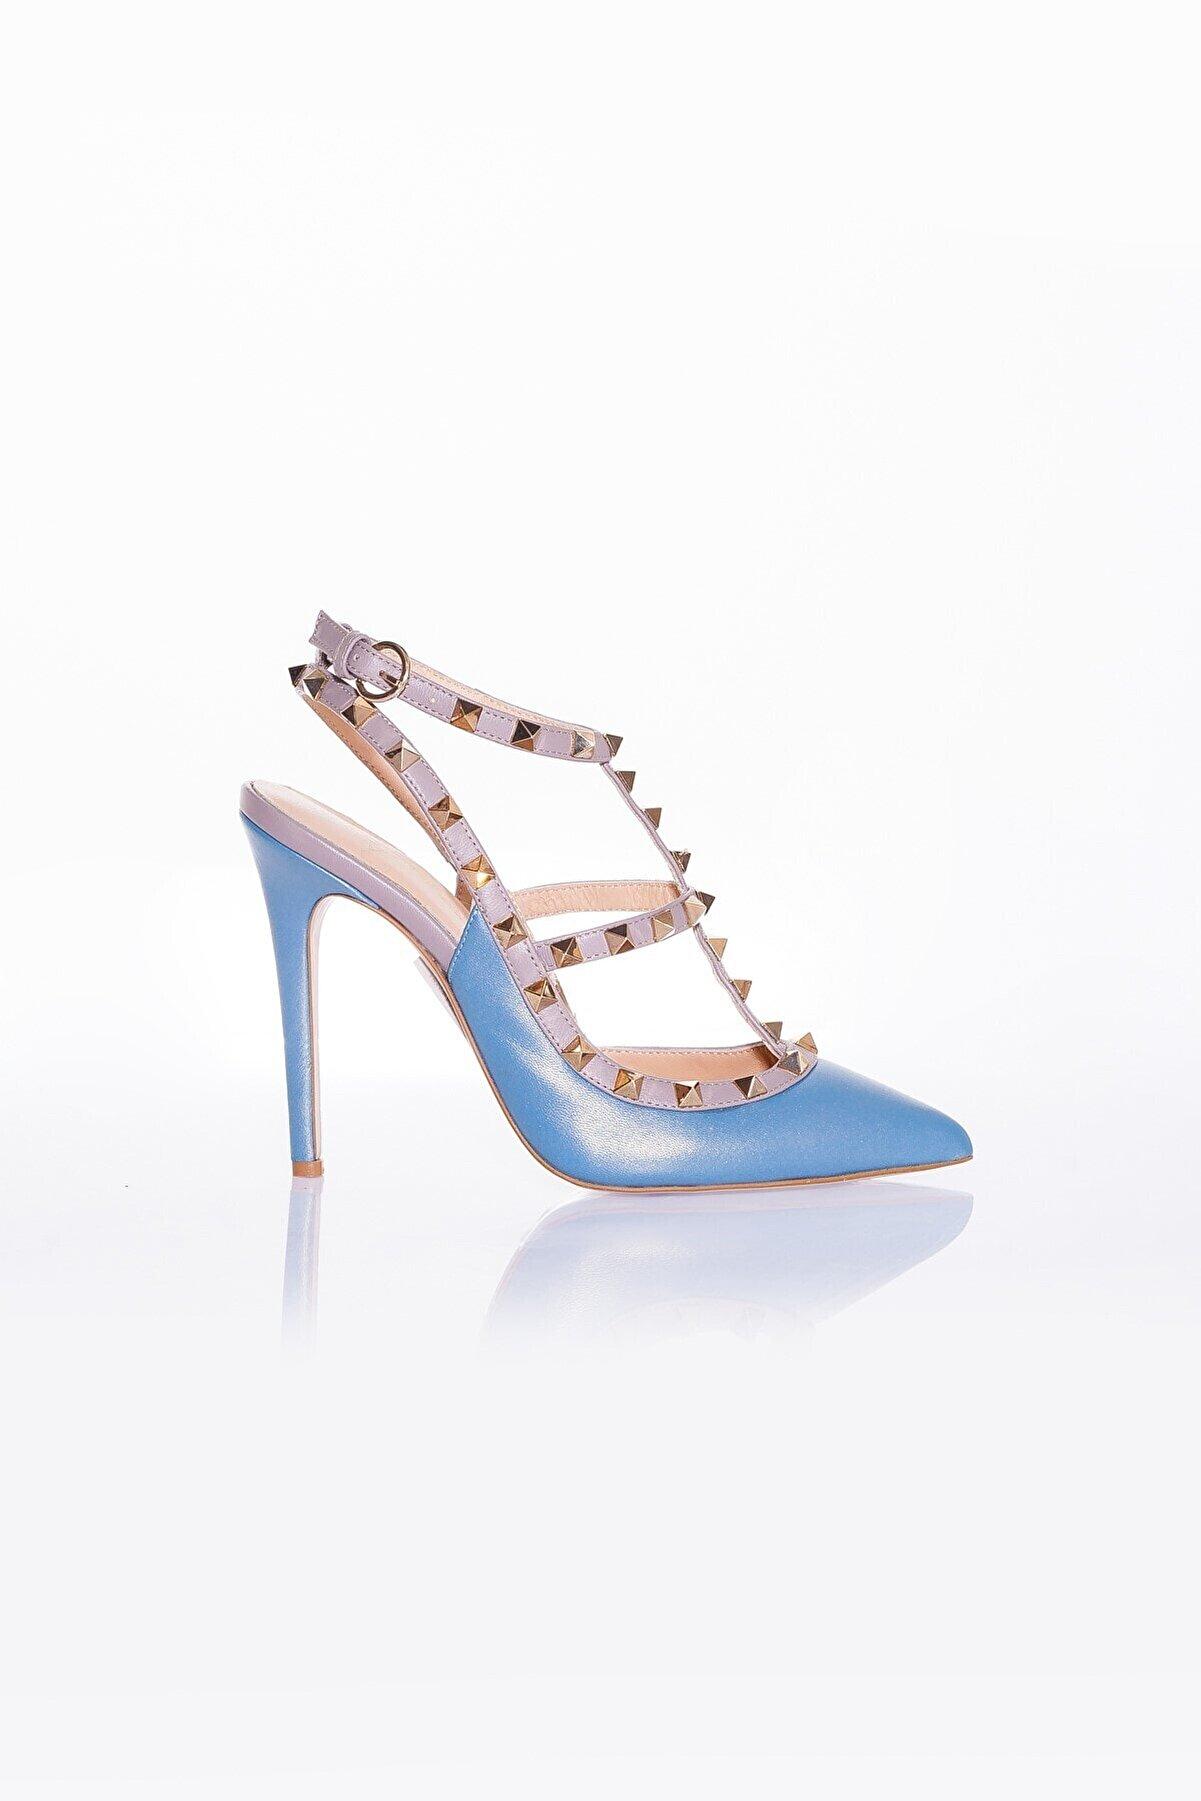 Adin 323-36 Kadın Deri Ayakkabı